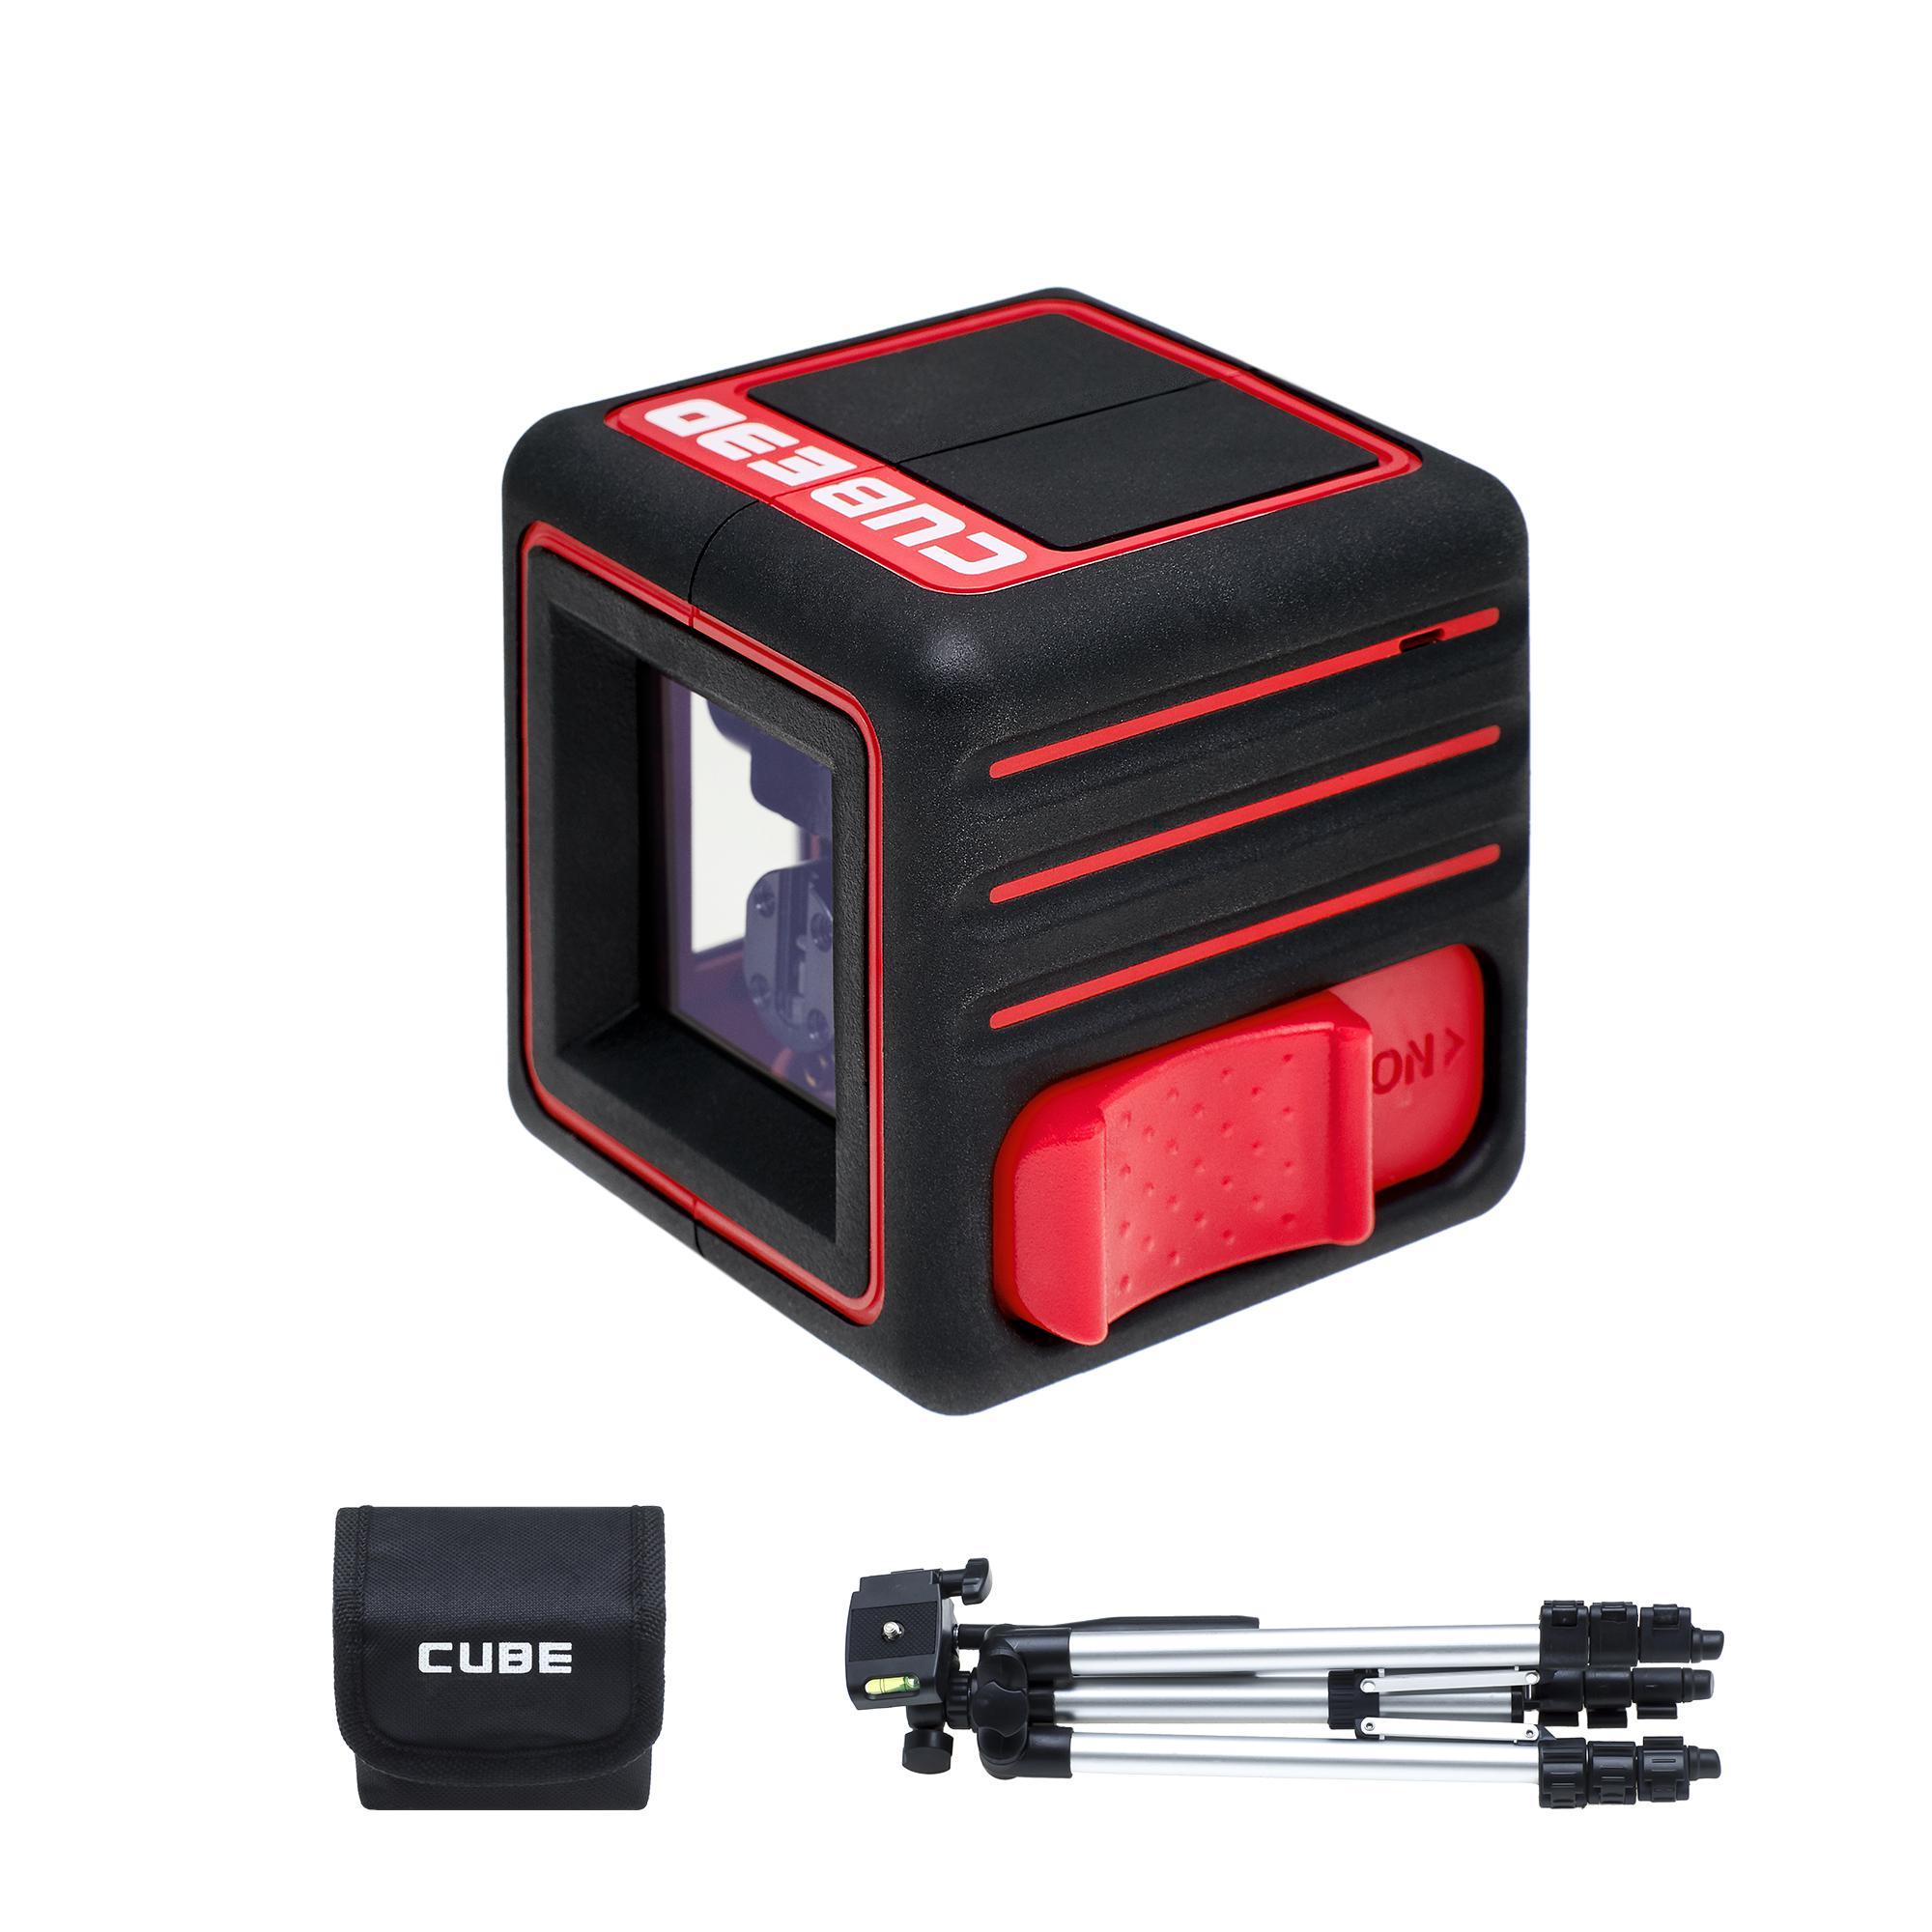 Фото 1/2 Cube 3d professional edition, Уровень